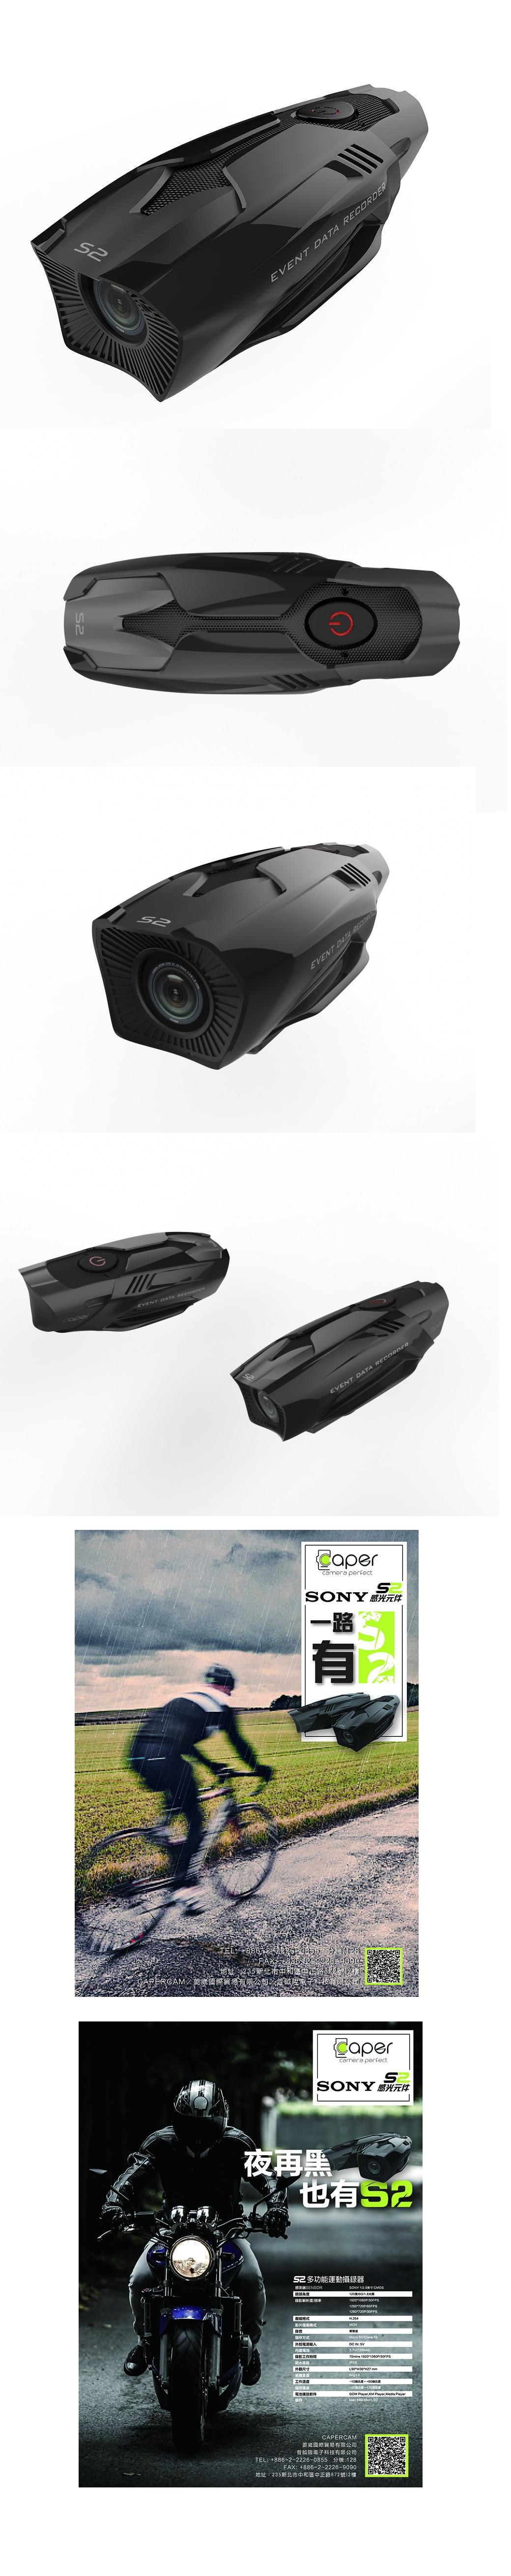 CAPER S2 機車行車紀錄器 SBK S1 升級版 搭配SONY感光元件